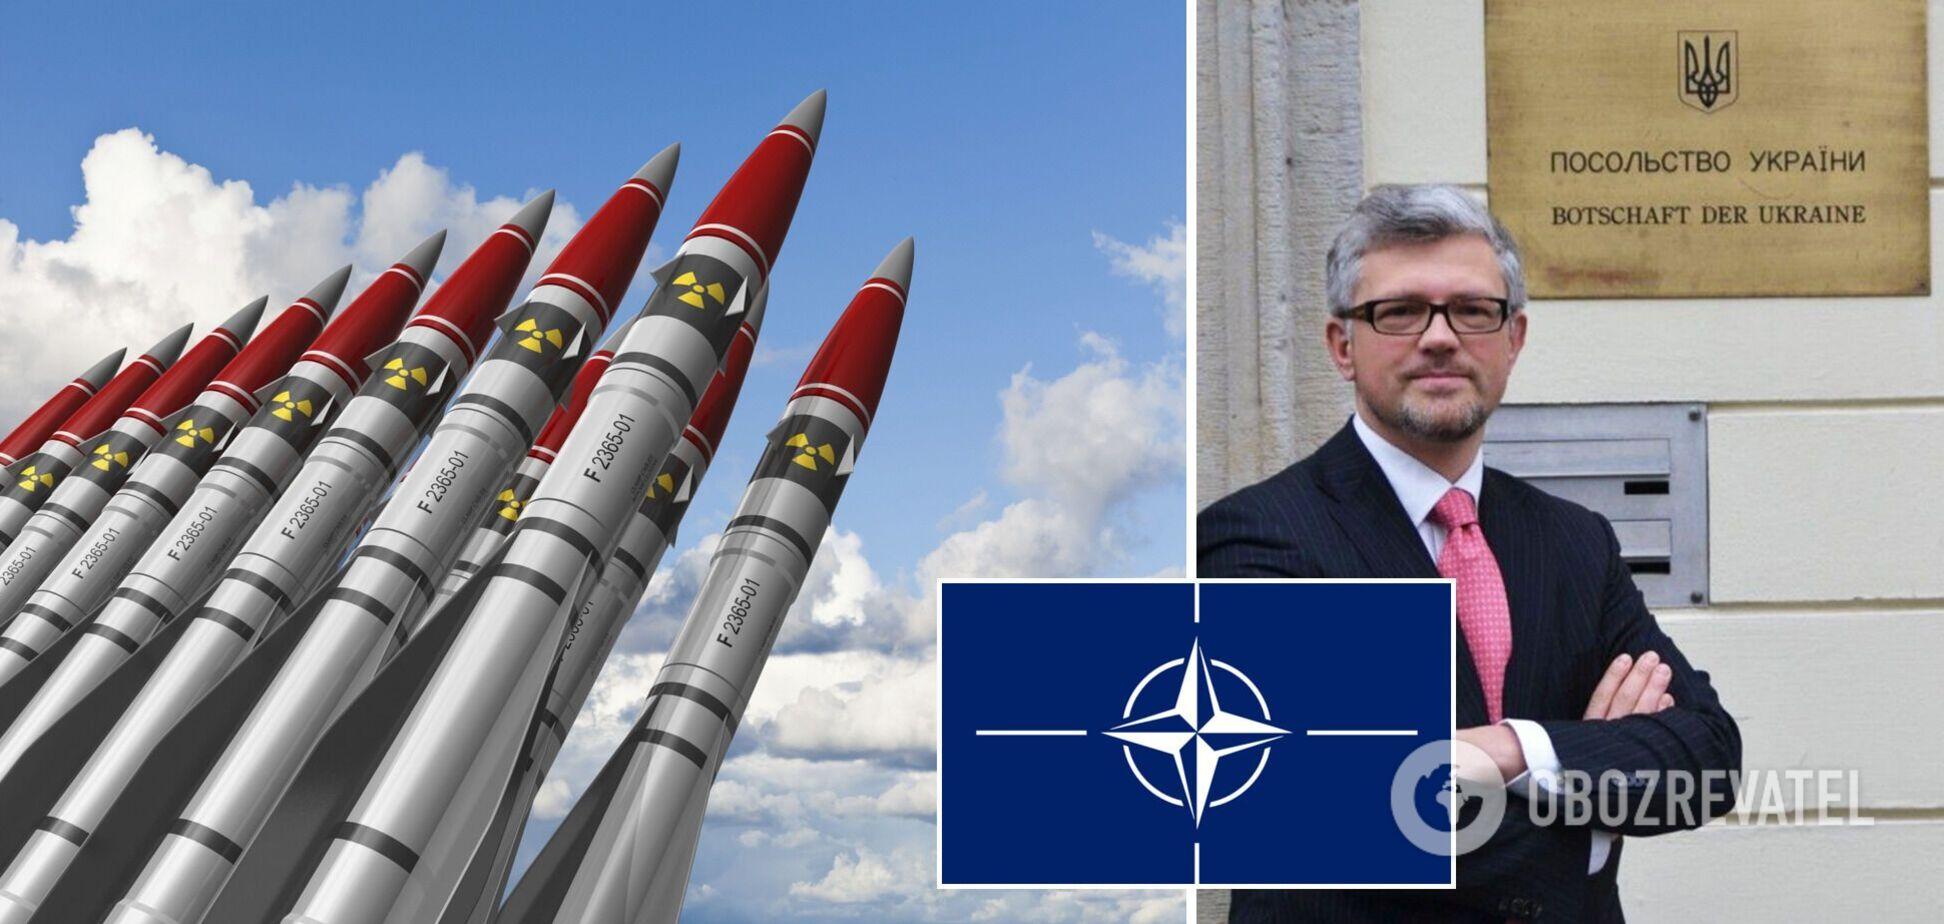 Україна може відновити ядерний статус, якщо не вступить у НАТО, – посол у Німеччині